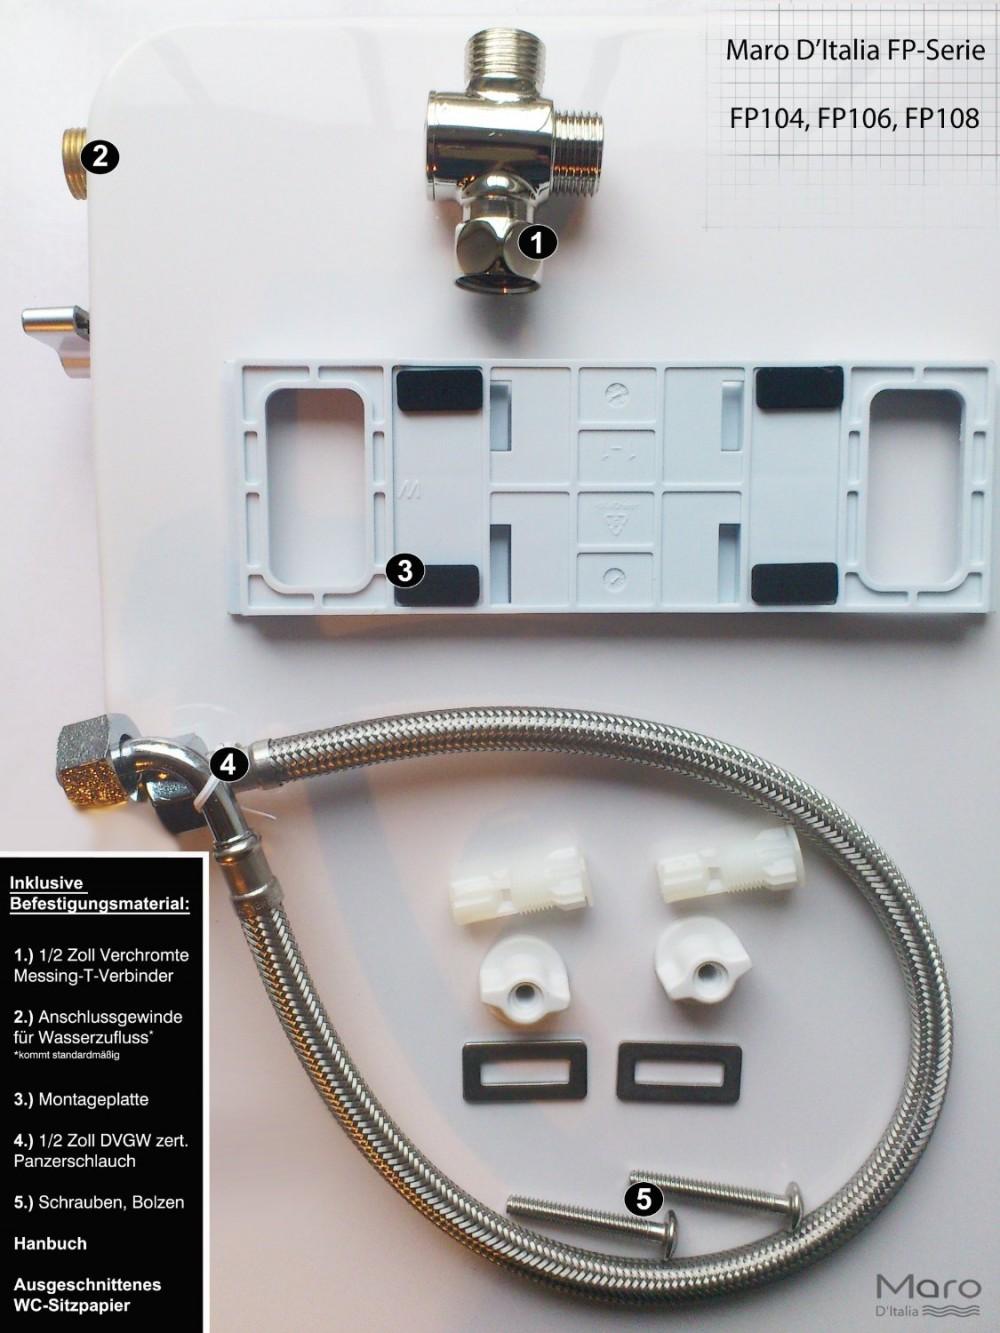 Maro fp series Dusch wc montage installation set